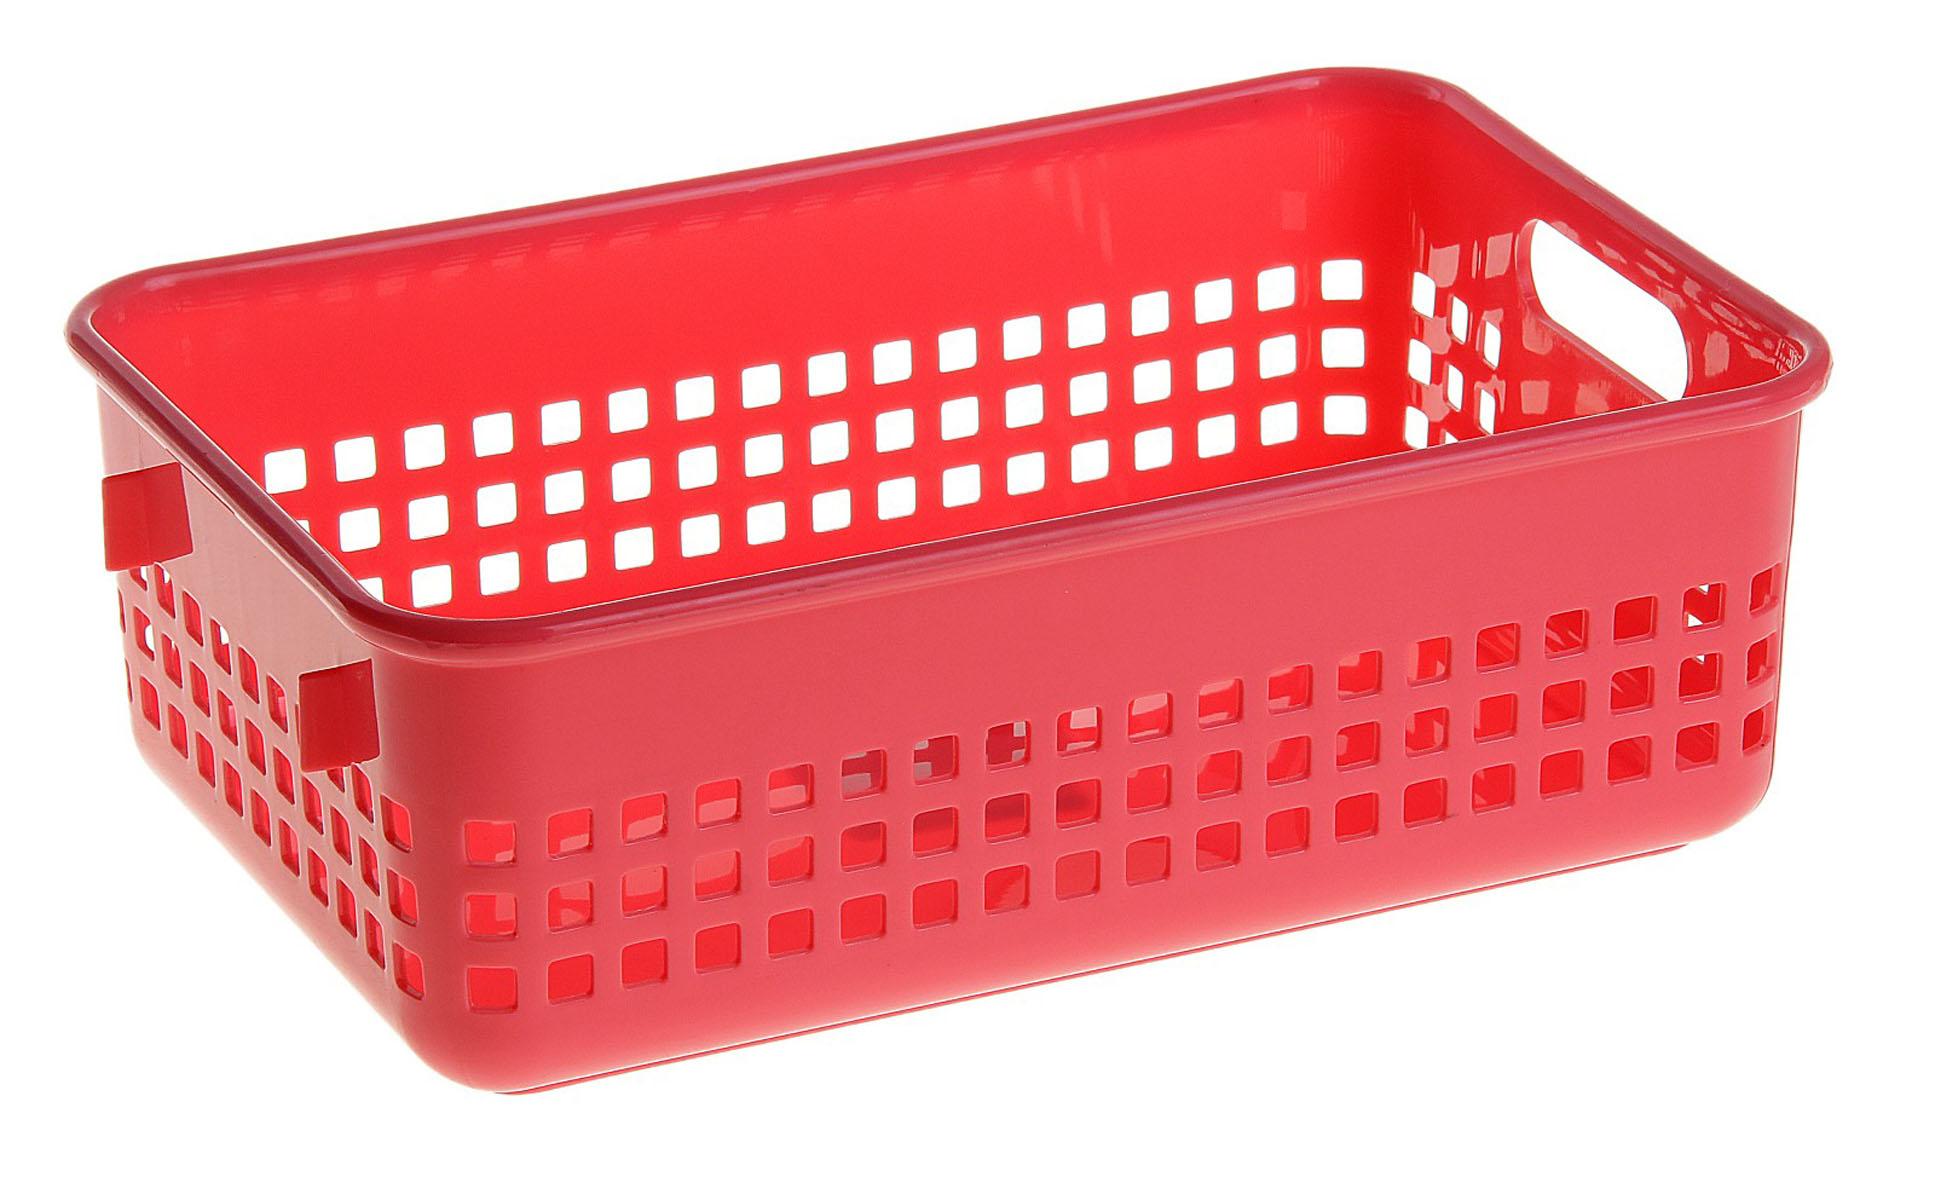 Корзинка для мелочей, одна ручка, большая, красная 147514147514Корзинка для мелочей, одна ручка, большая, красная 147514